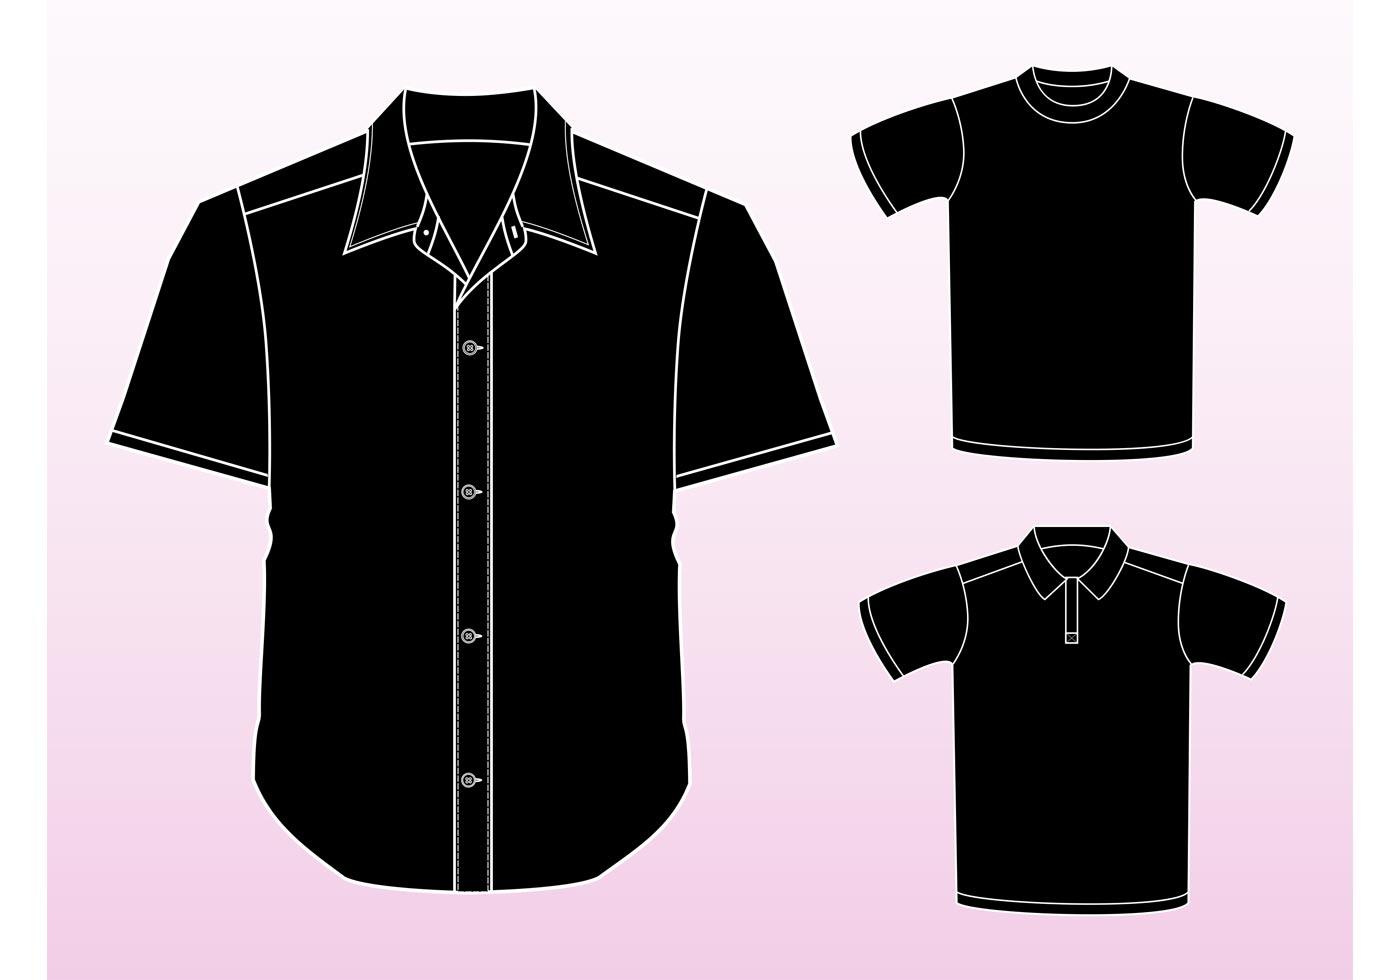 Vectores de la camisa - Descargue Gráficos y Vectores Gratis